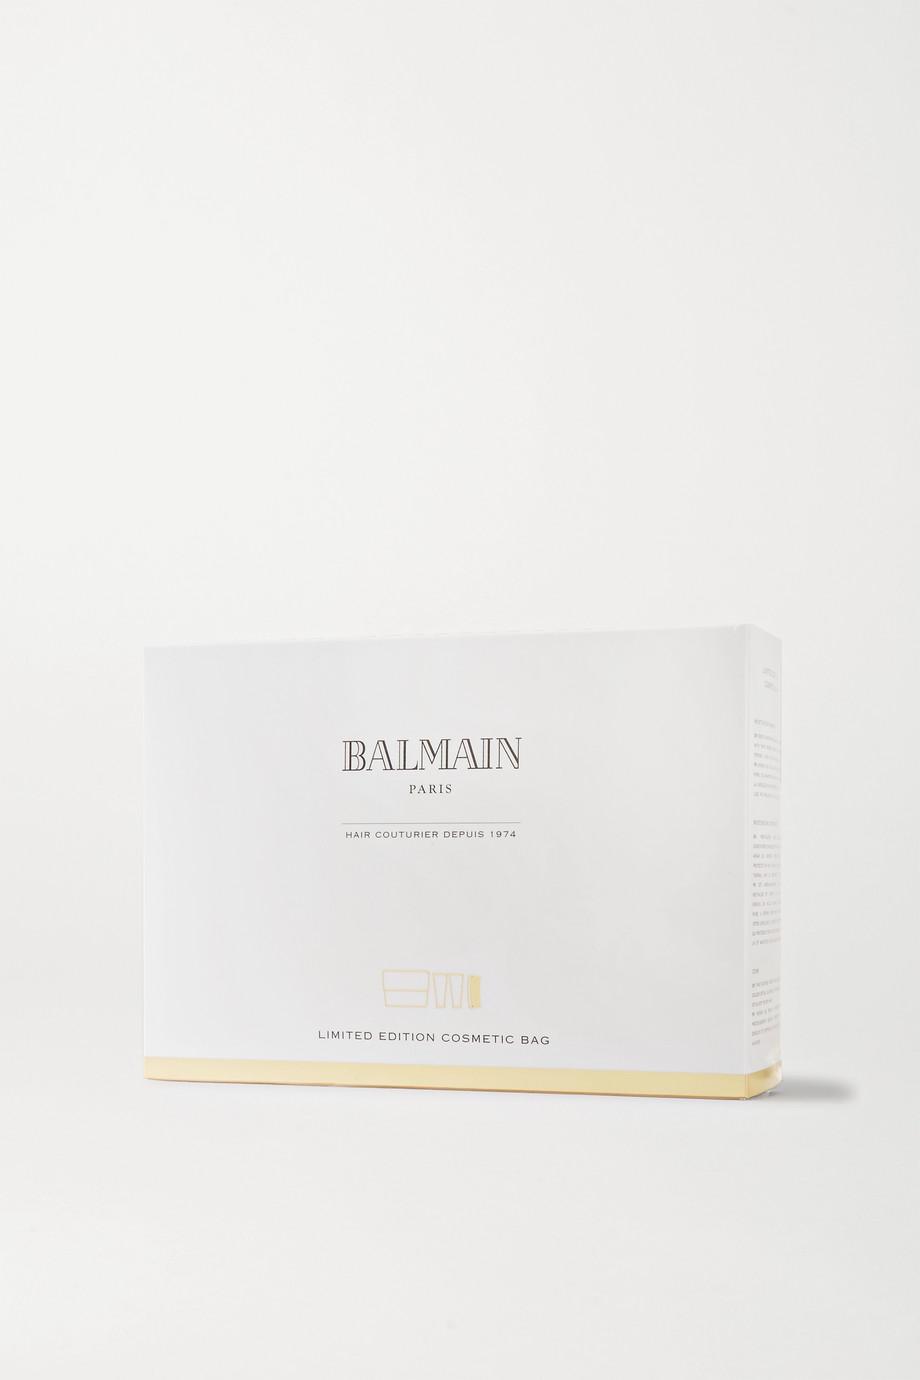 Balmain Paris Hair Couture Hair Care Gift Set